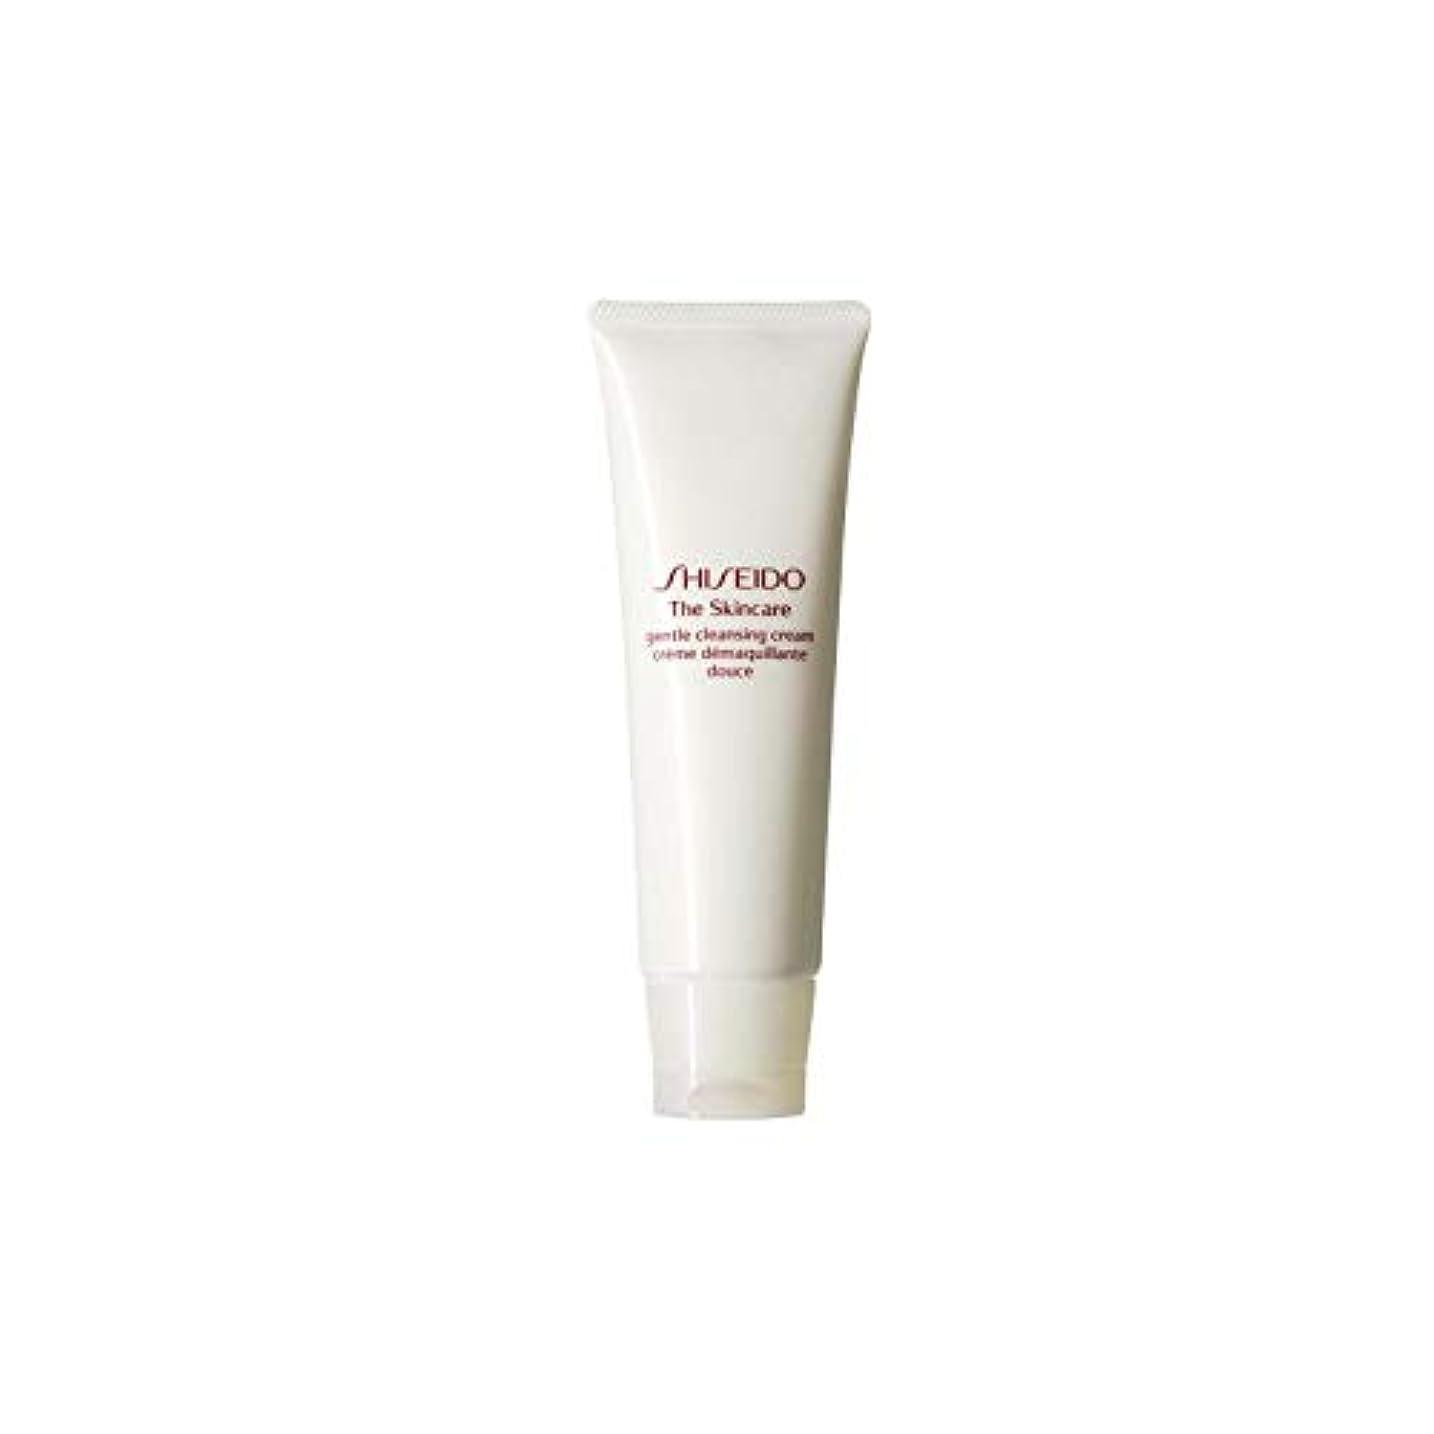 甲虫全部複製する[Shiseido ] 資生堂スキンケアの必需品ジェントルクレンジングクリーム(125ミリリットル) - Shiseido The Skincare Essentials Gentle Cleansing Cream (...